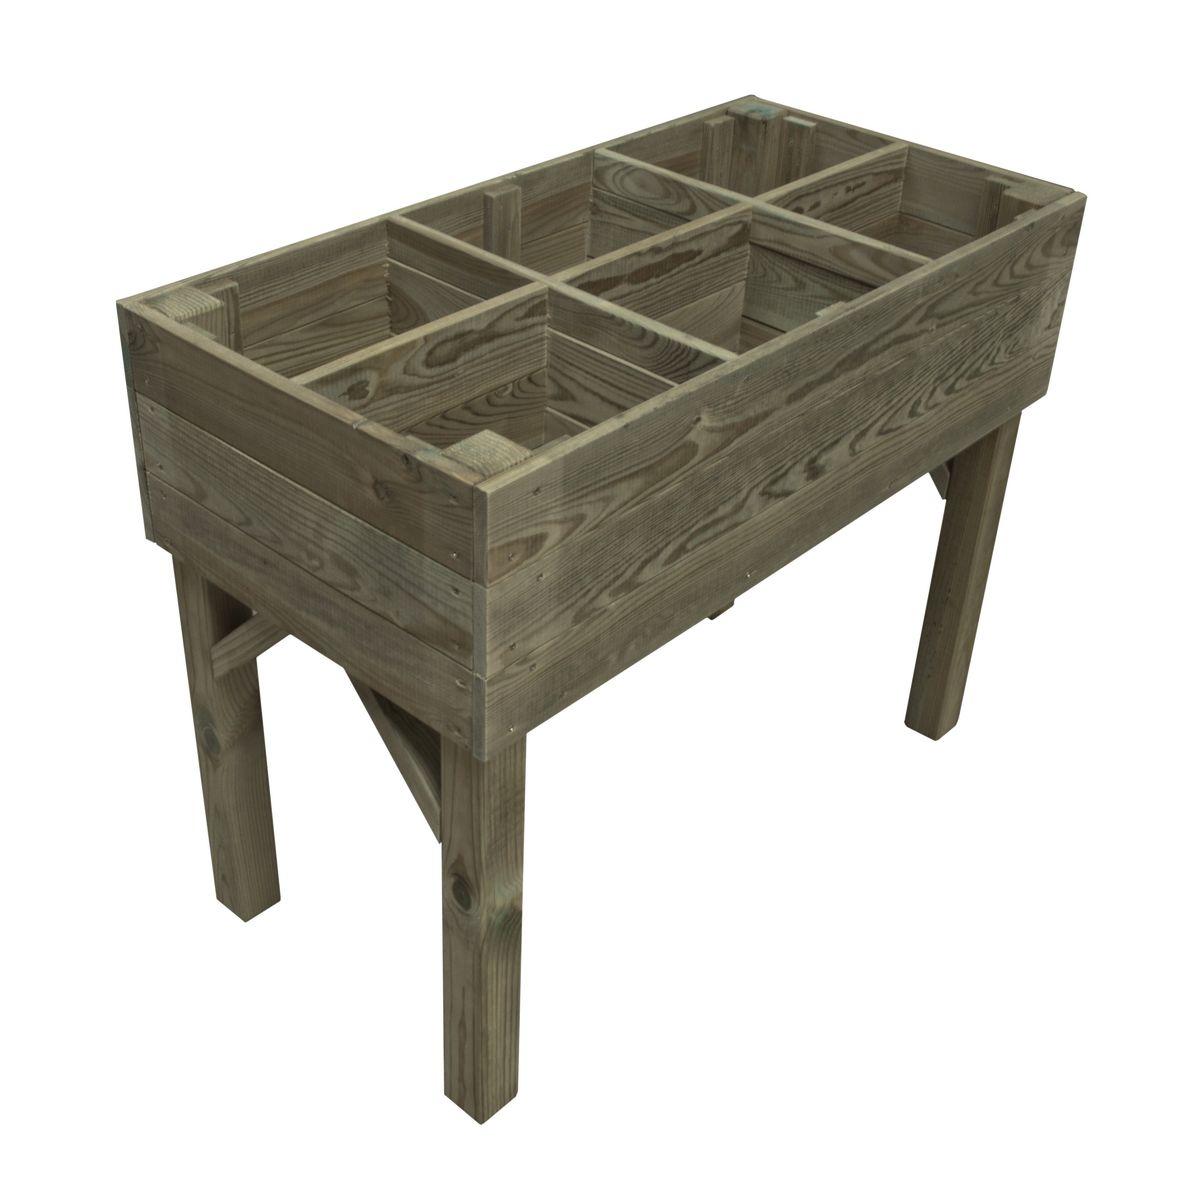 Pavimenti in legno per esterni leroy merlin trendy i bianchi with pavimenti in legno per - Piastrelle sottili leroy merlin ...